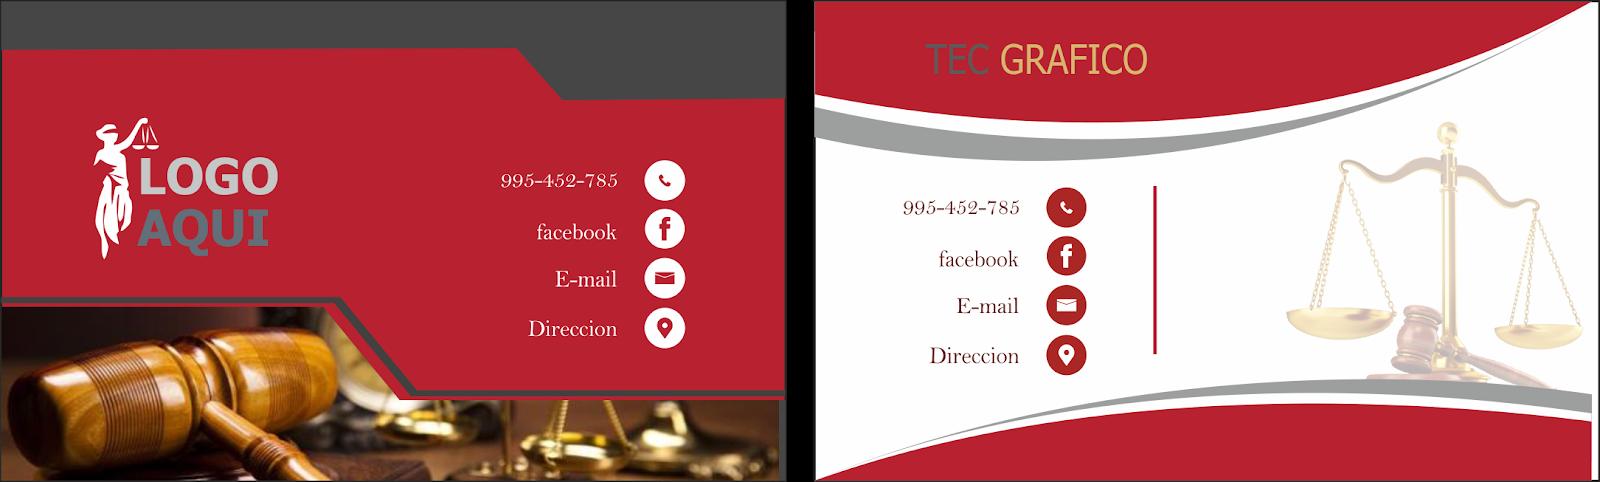 175662f4b566e En caso de los abogados no hay excepcion una tarjetas de presentacion para  esos nuevos clientes potenciales nos ayudaran a crear vinculos y  comunicacion con ...